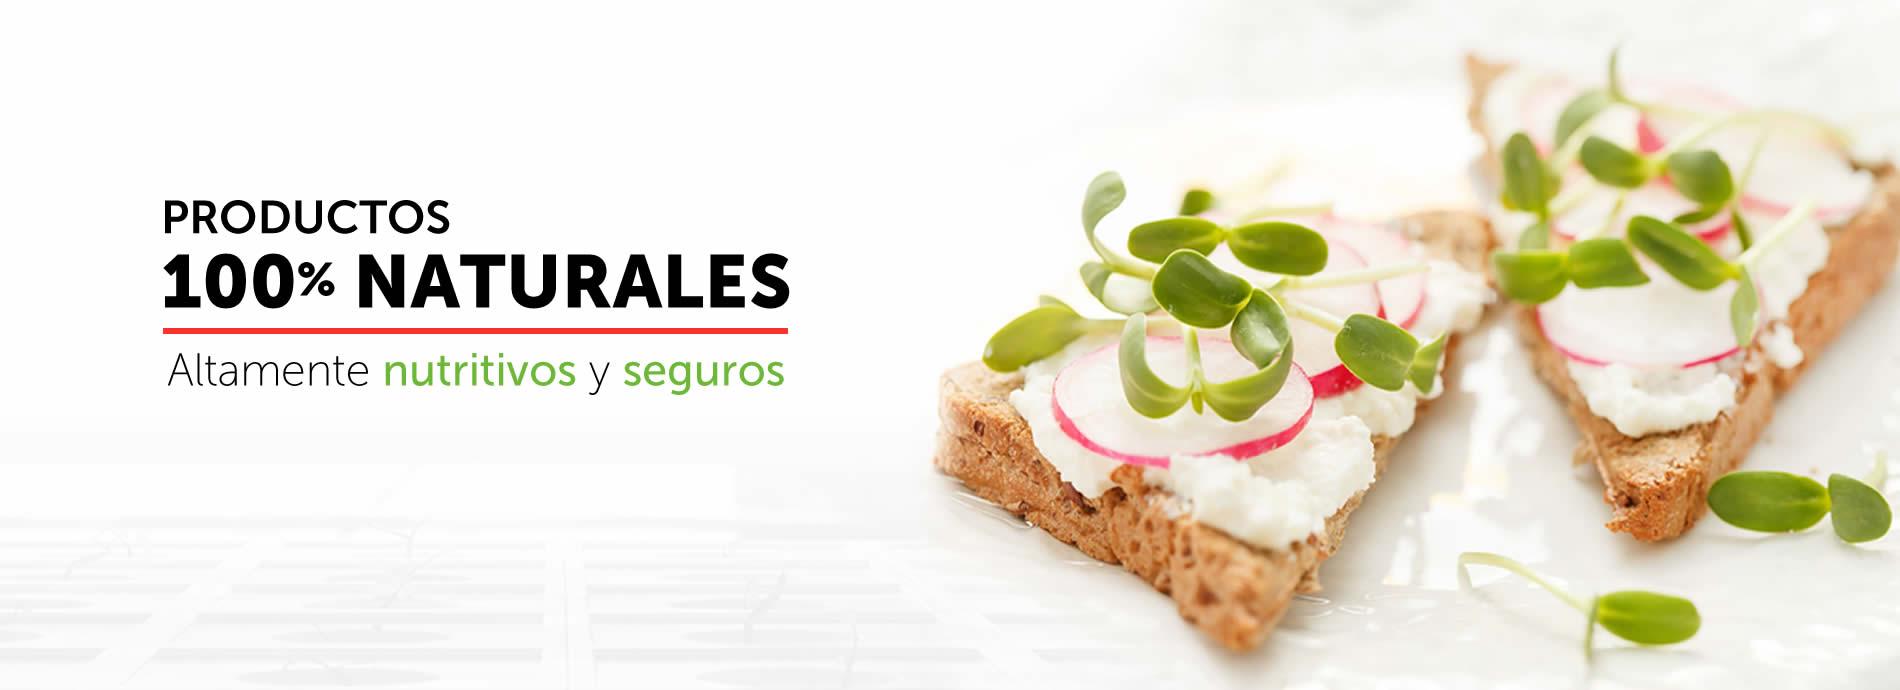 Productos 100% naturales. Altamente nutritivos y seguros.